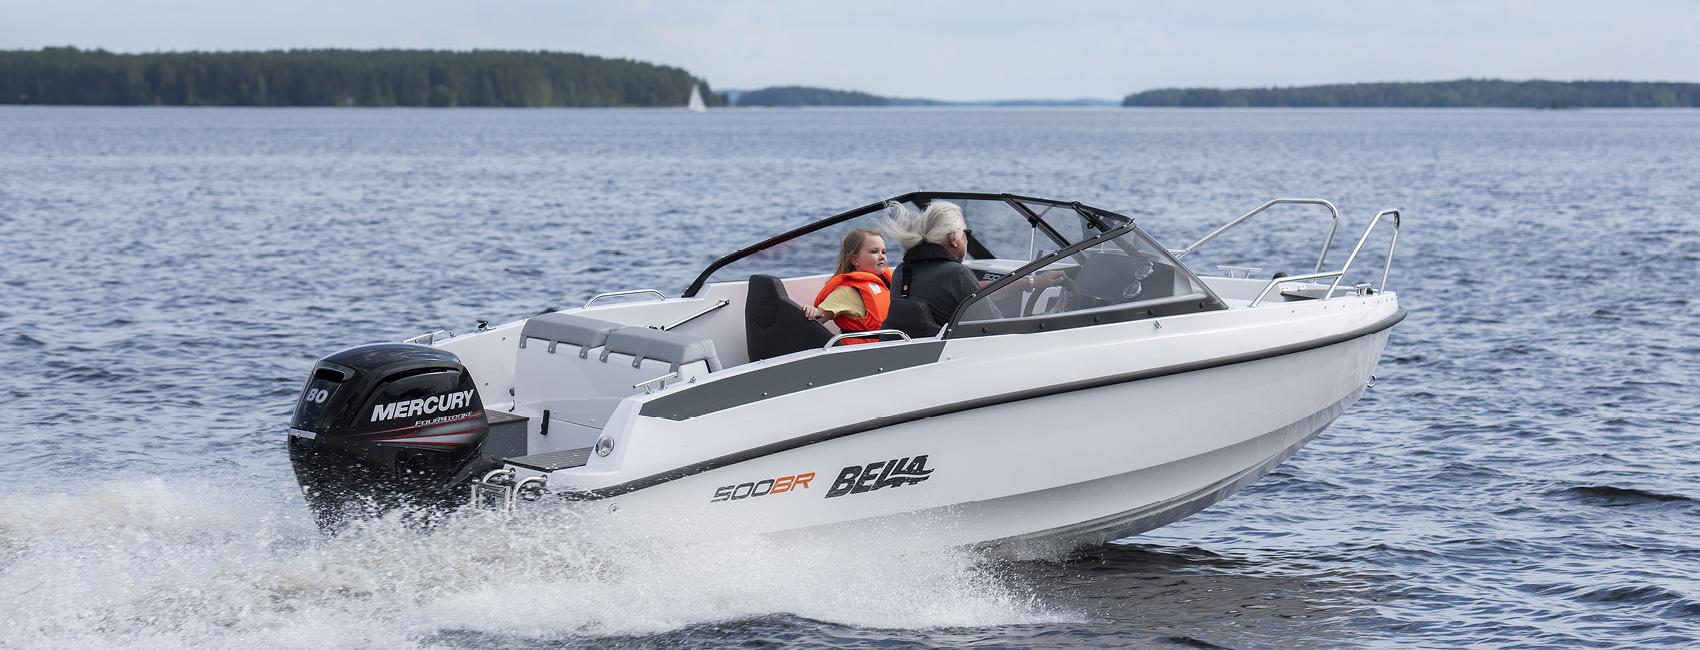 Bella boat cruising at full speed.